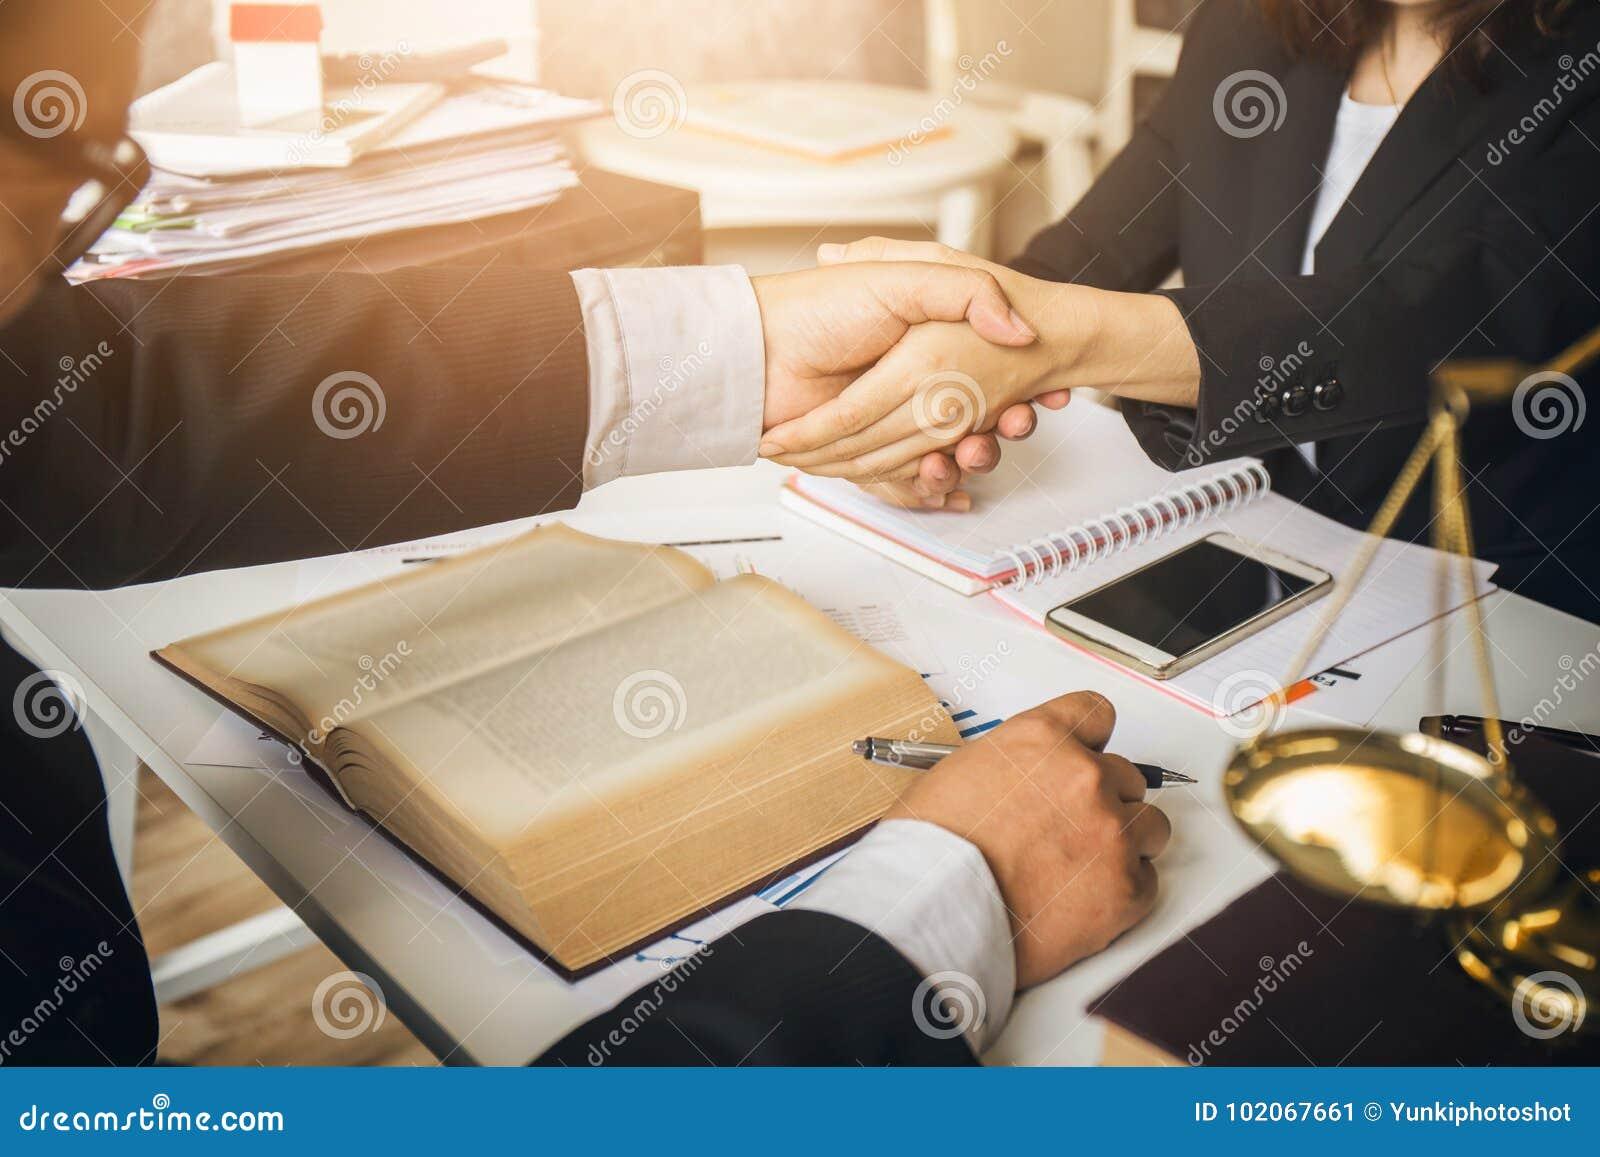 Le dur labeur d un avocat asiatique dans un avocat